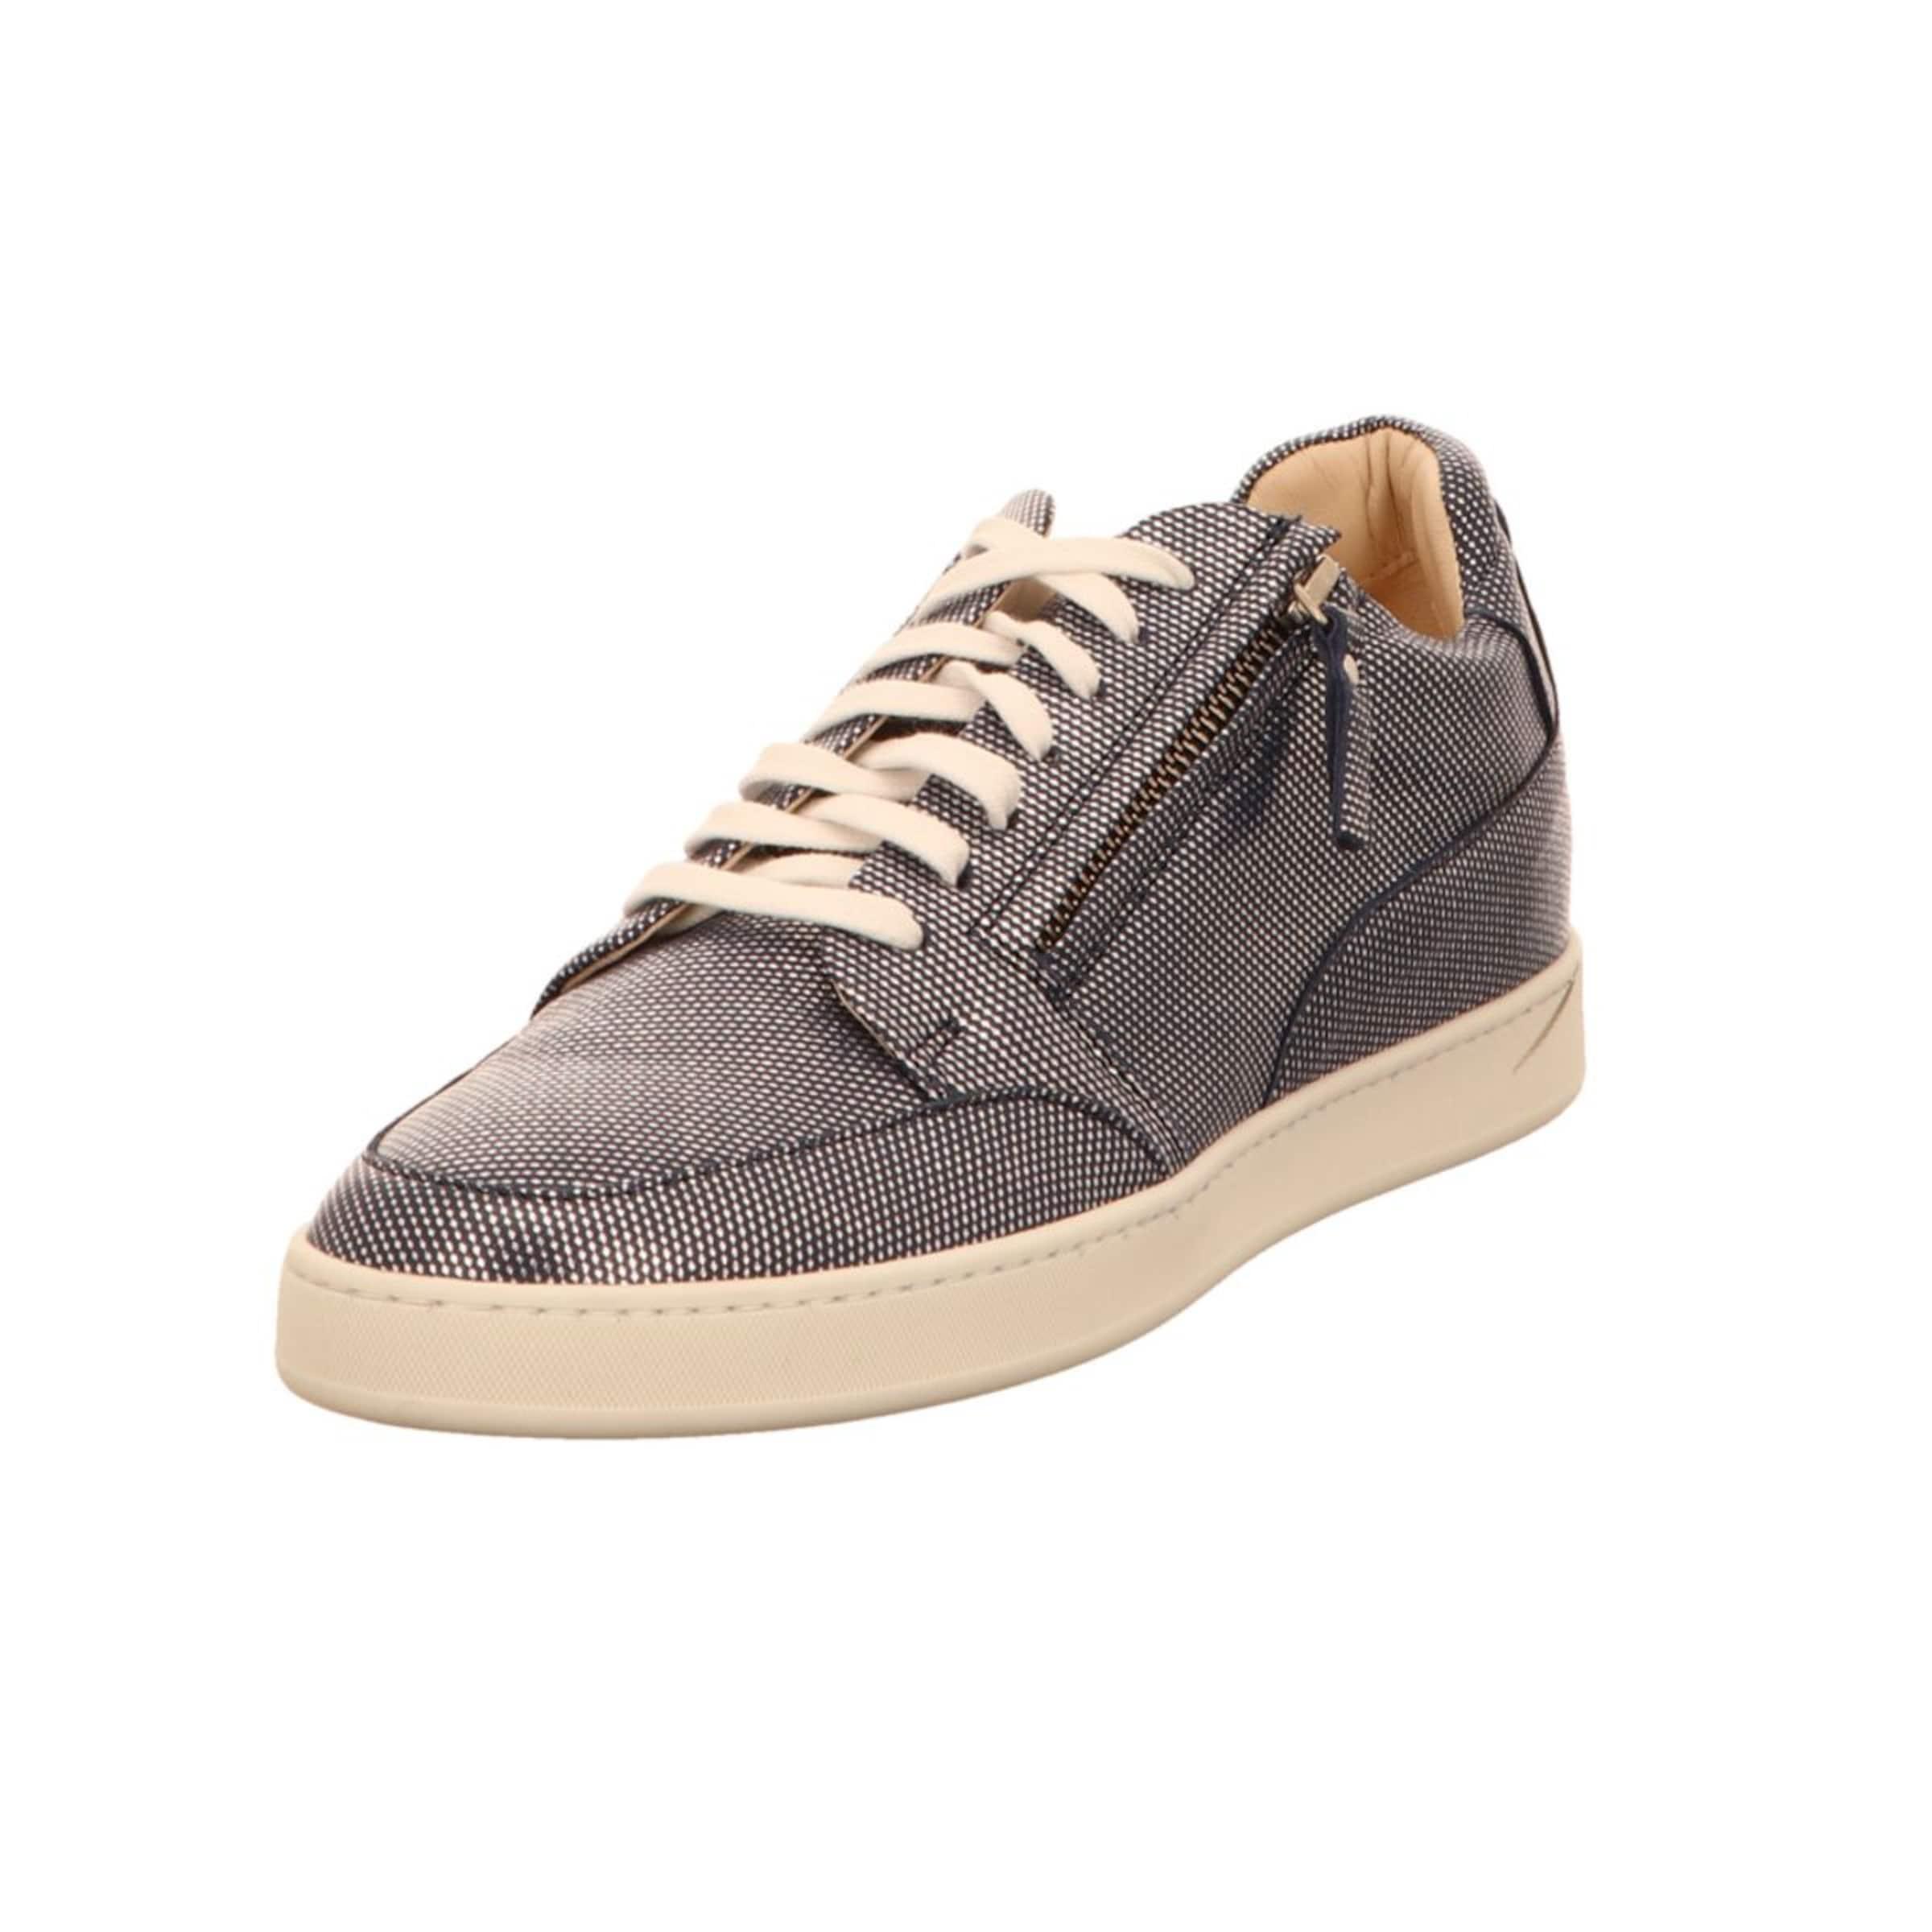 Sneakers Peter Kaiser In KobaltblauWeiß Y6gfyb7